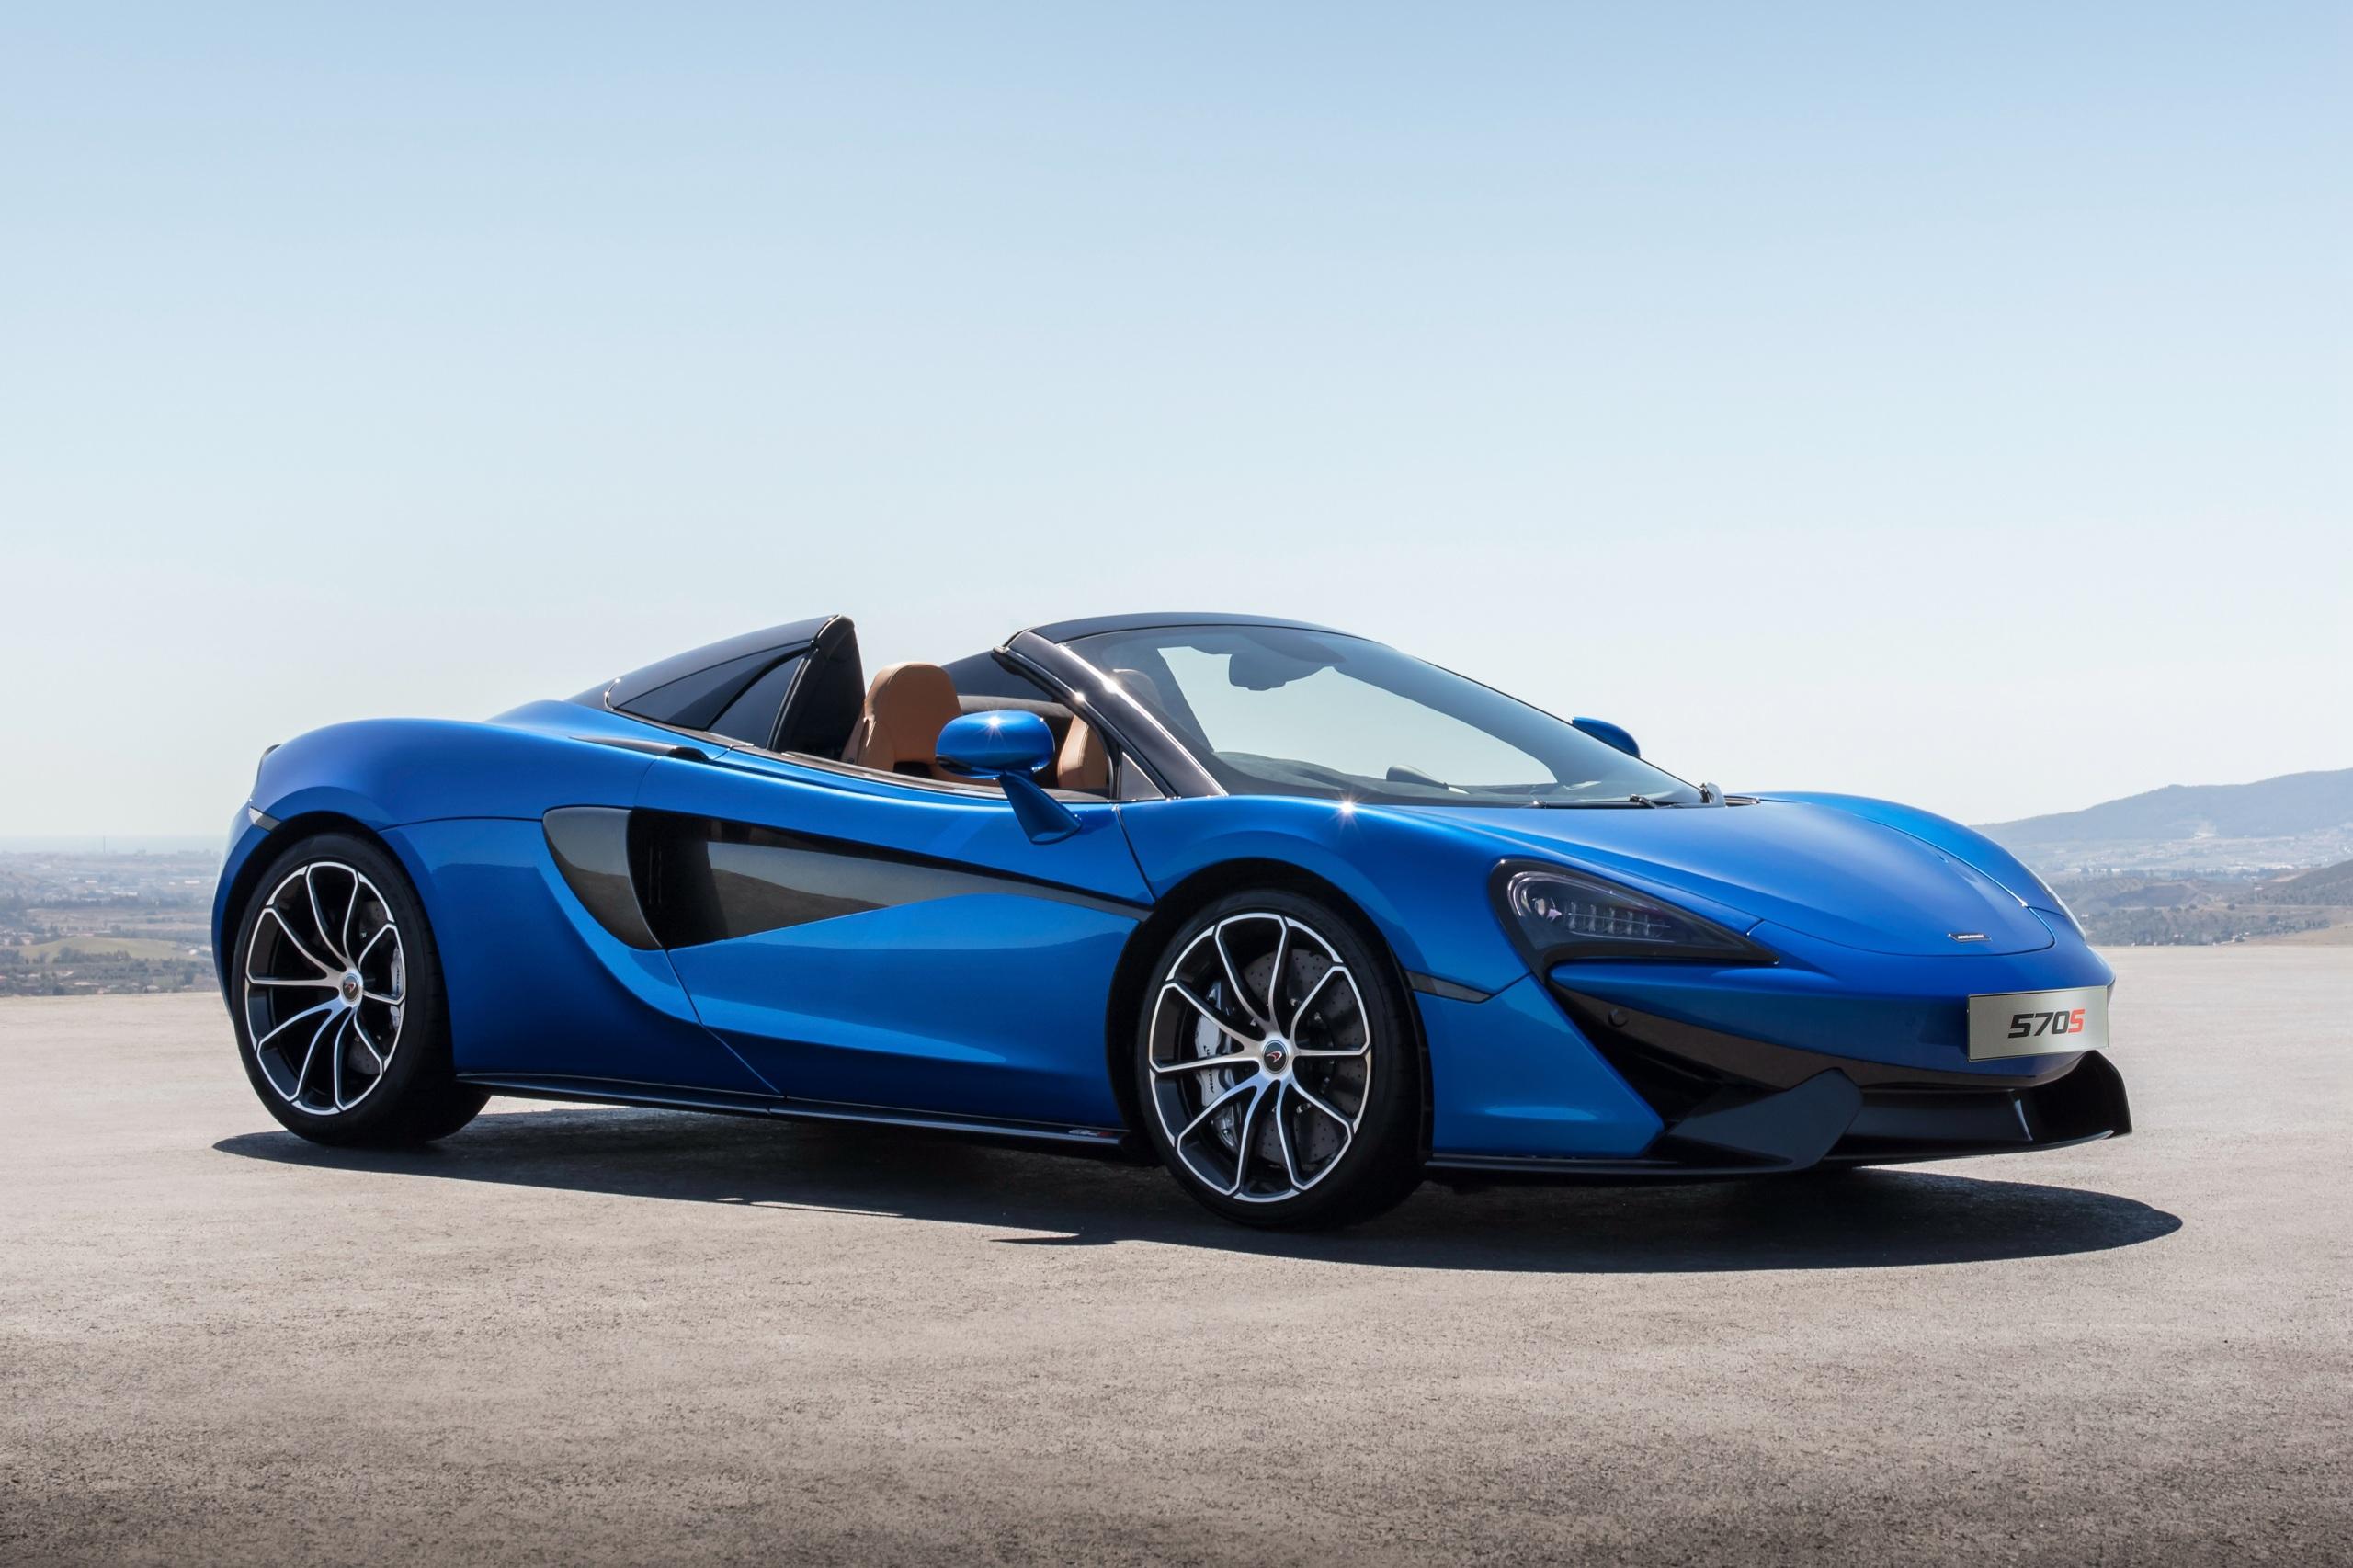 Картинки McLaren 2017 570S Spider Worldwide Родстер синие Автомобили 2560x1706 Макларен синих Синий синяя авто машина машины автомобиль